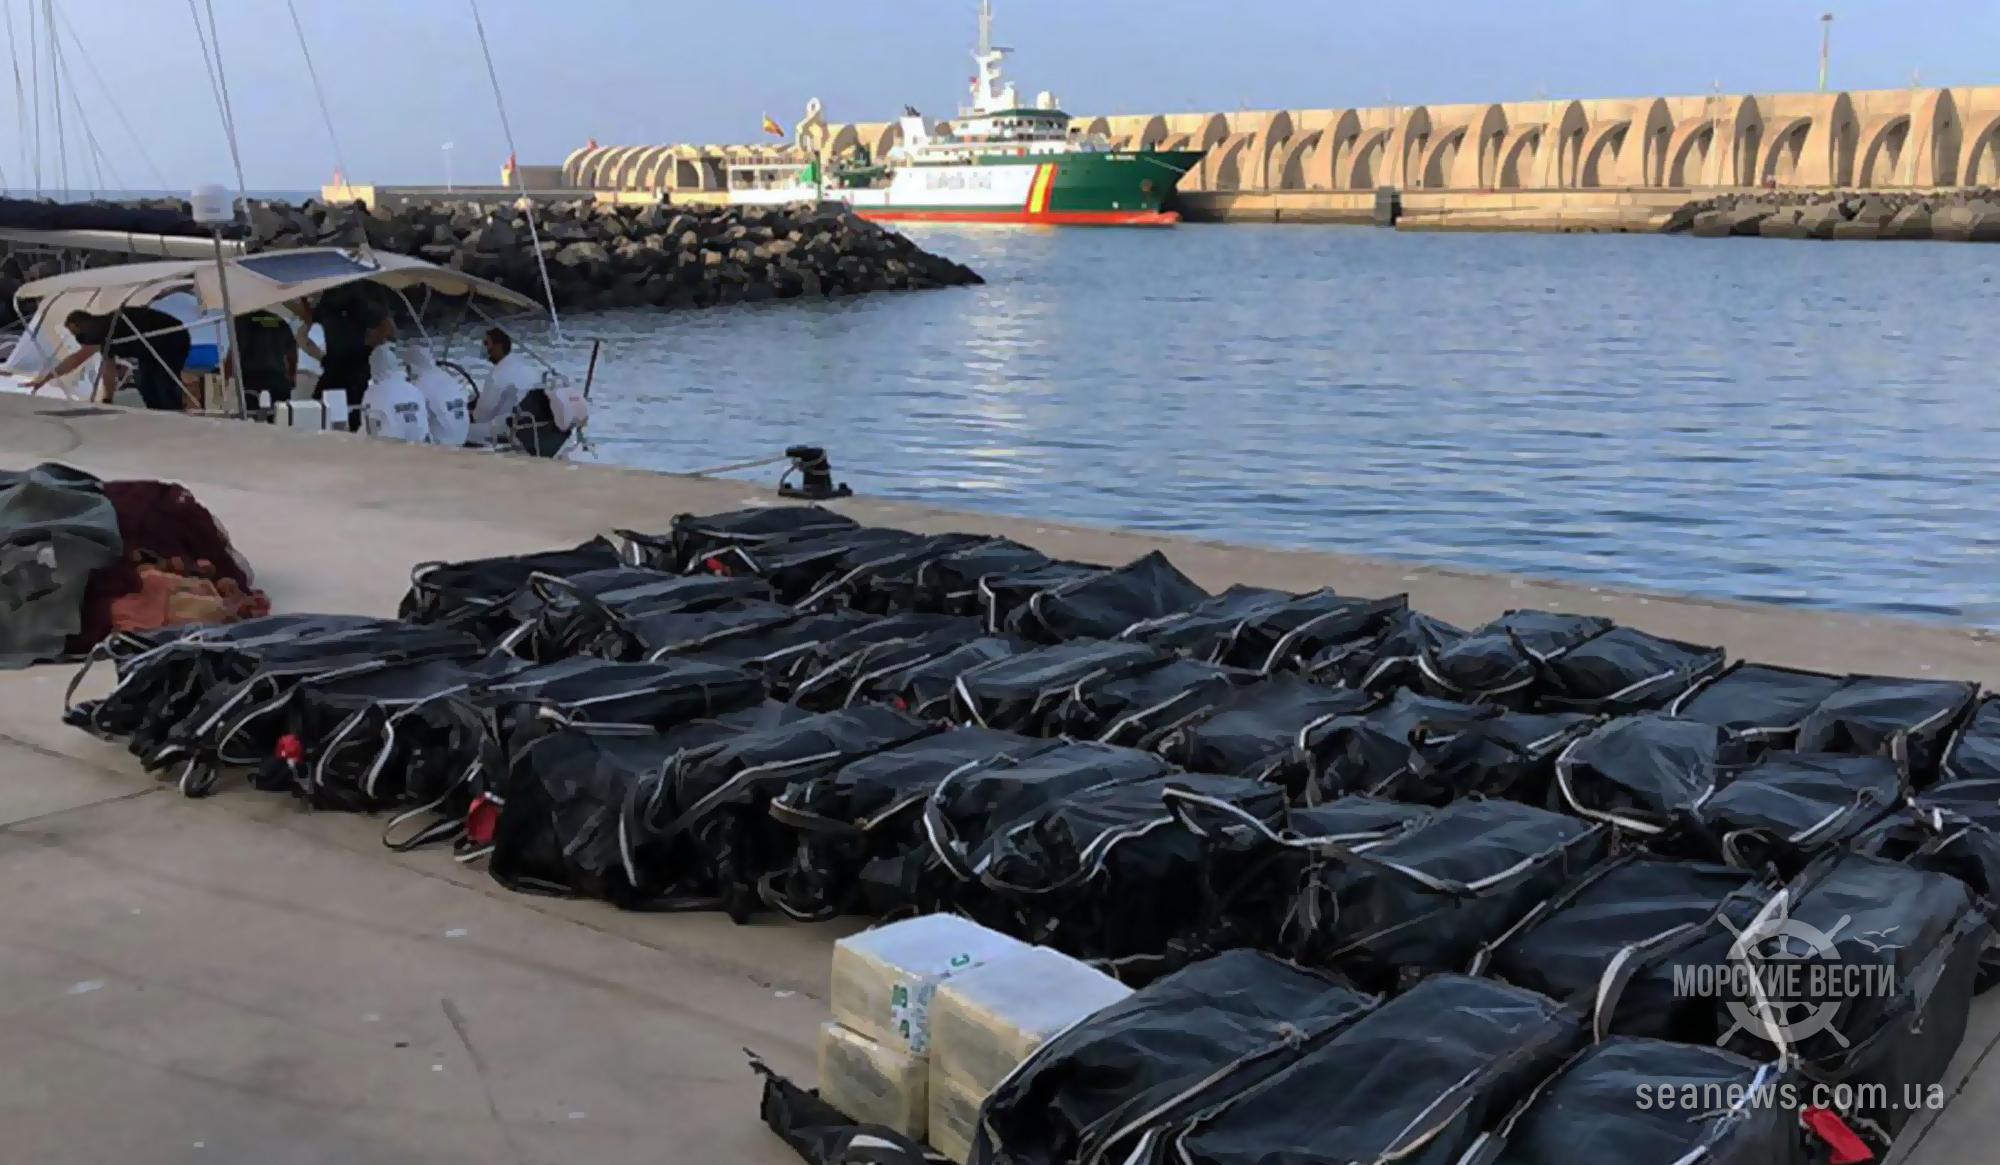 Полиция Испании перехватила судно с тонной кокаина на борту